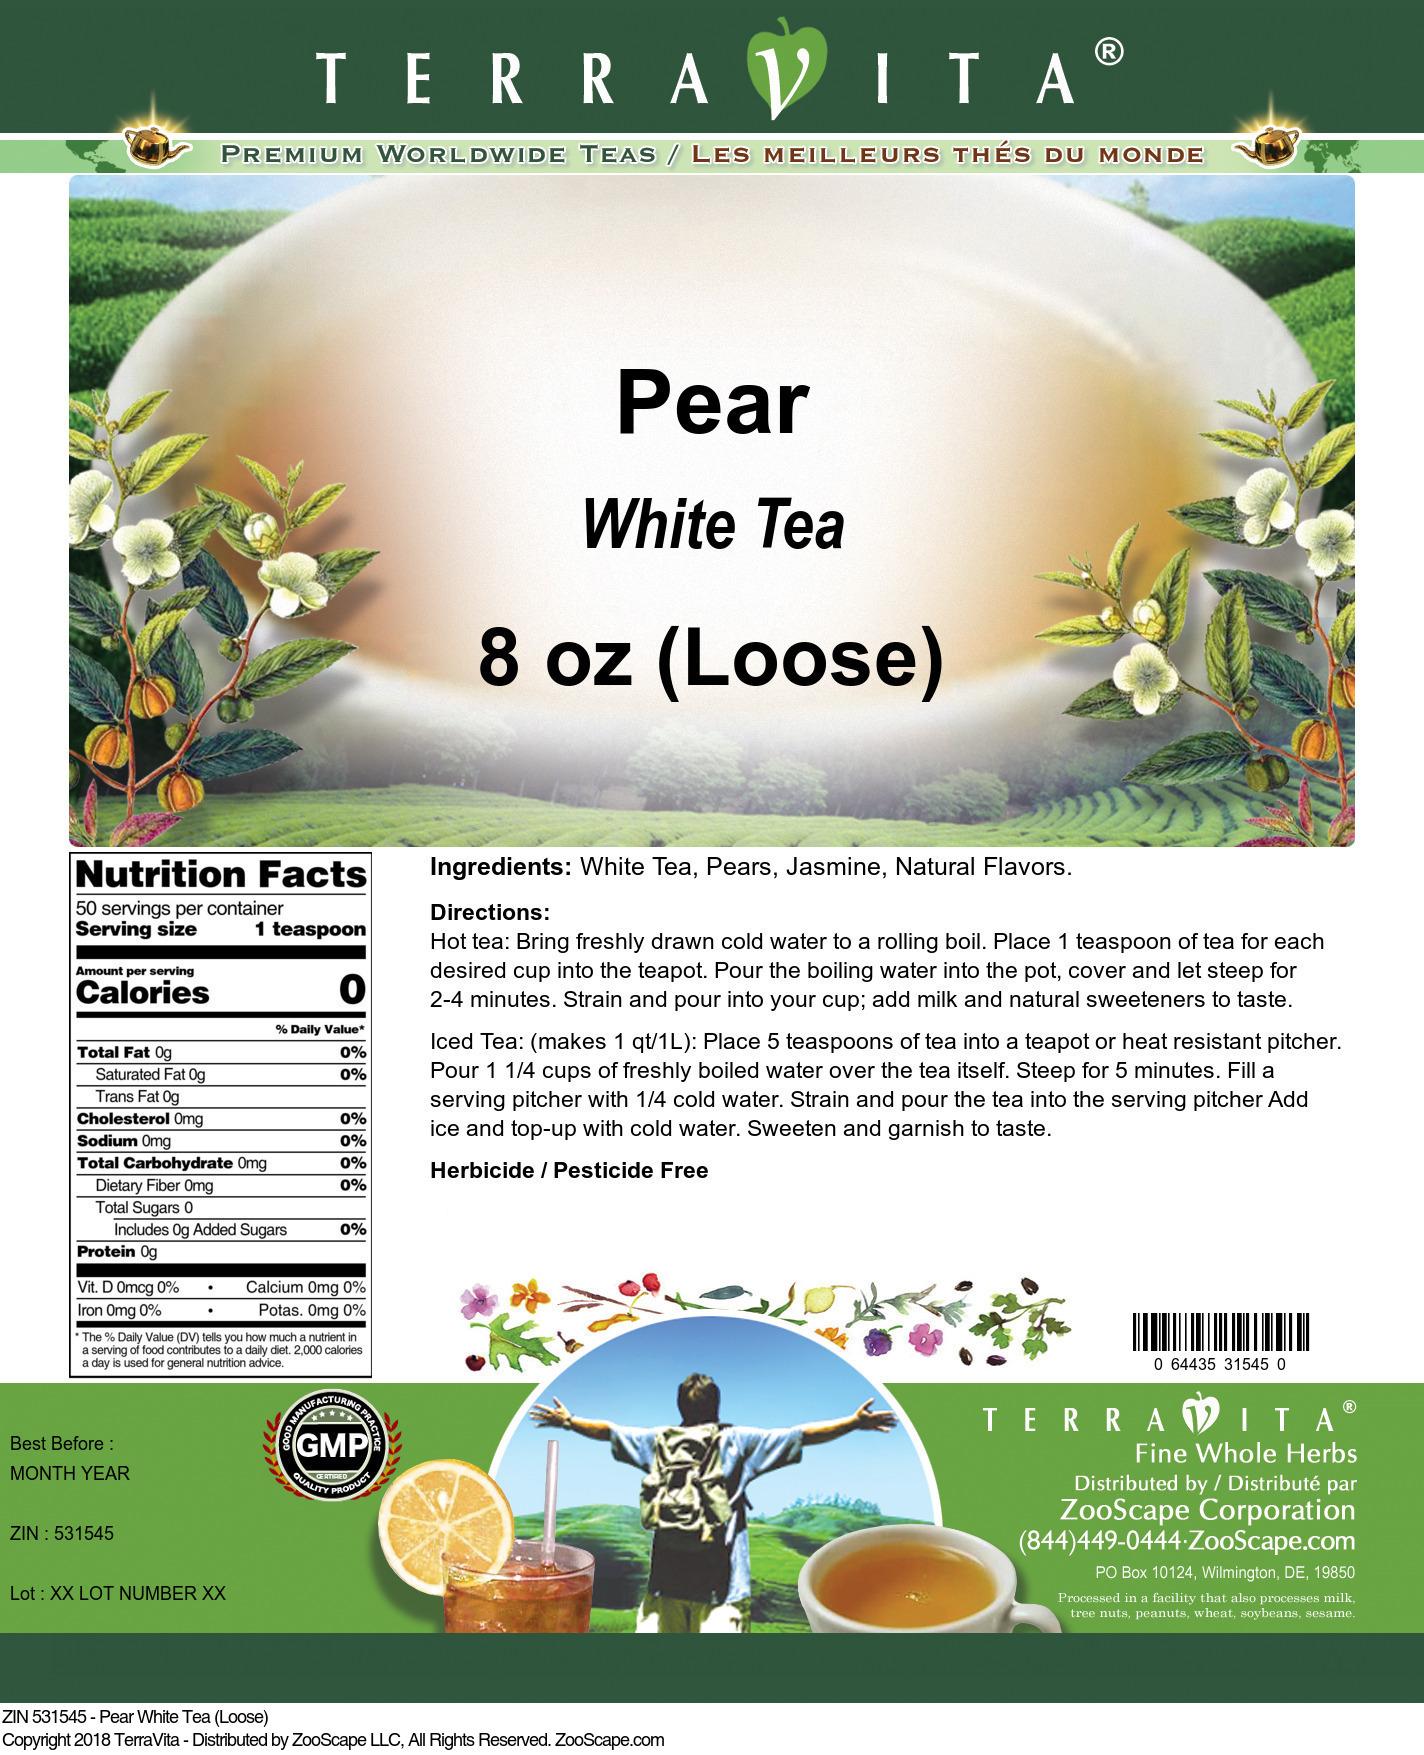 Pear White Tea (Loose)